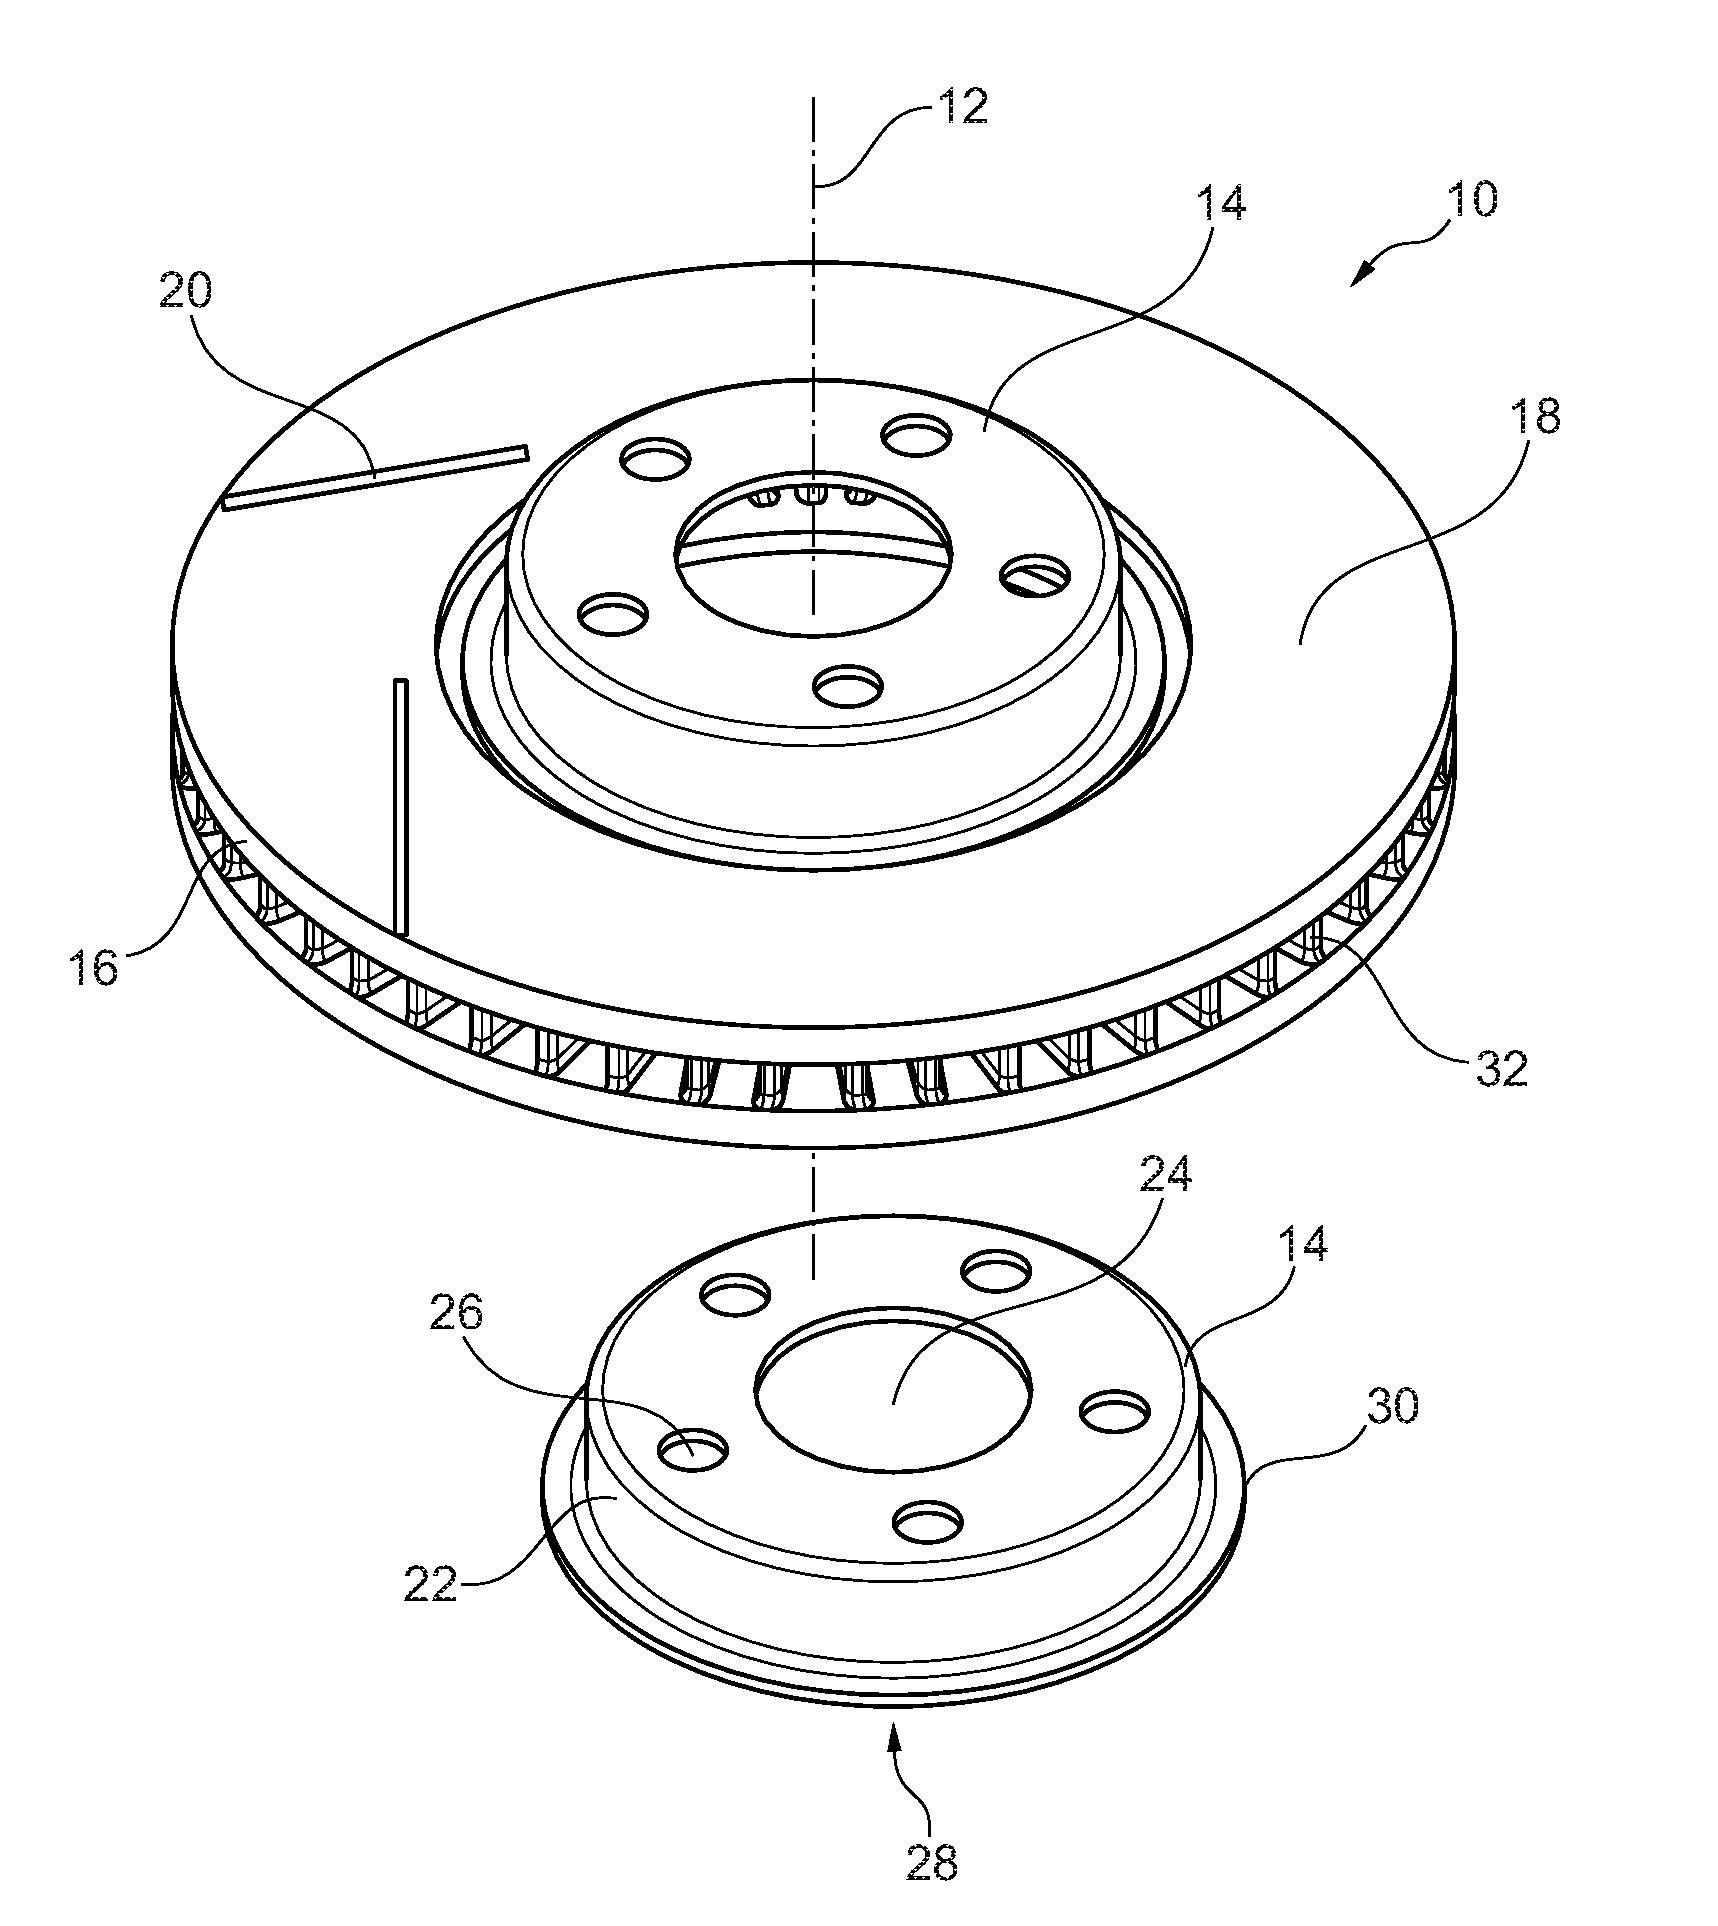 福特为制动盘3D打印方法申请专利